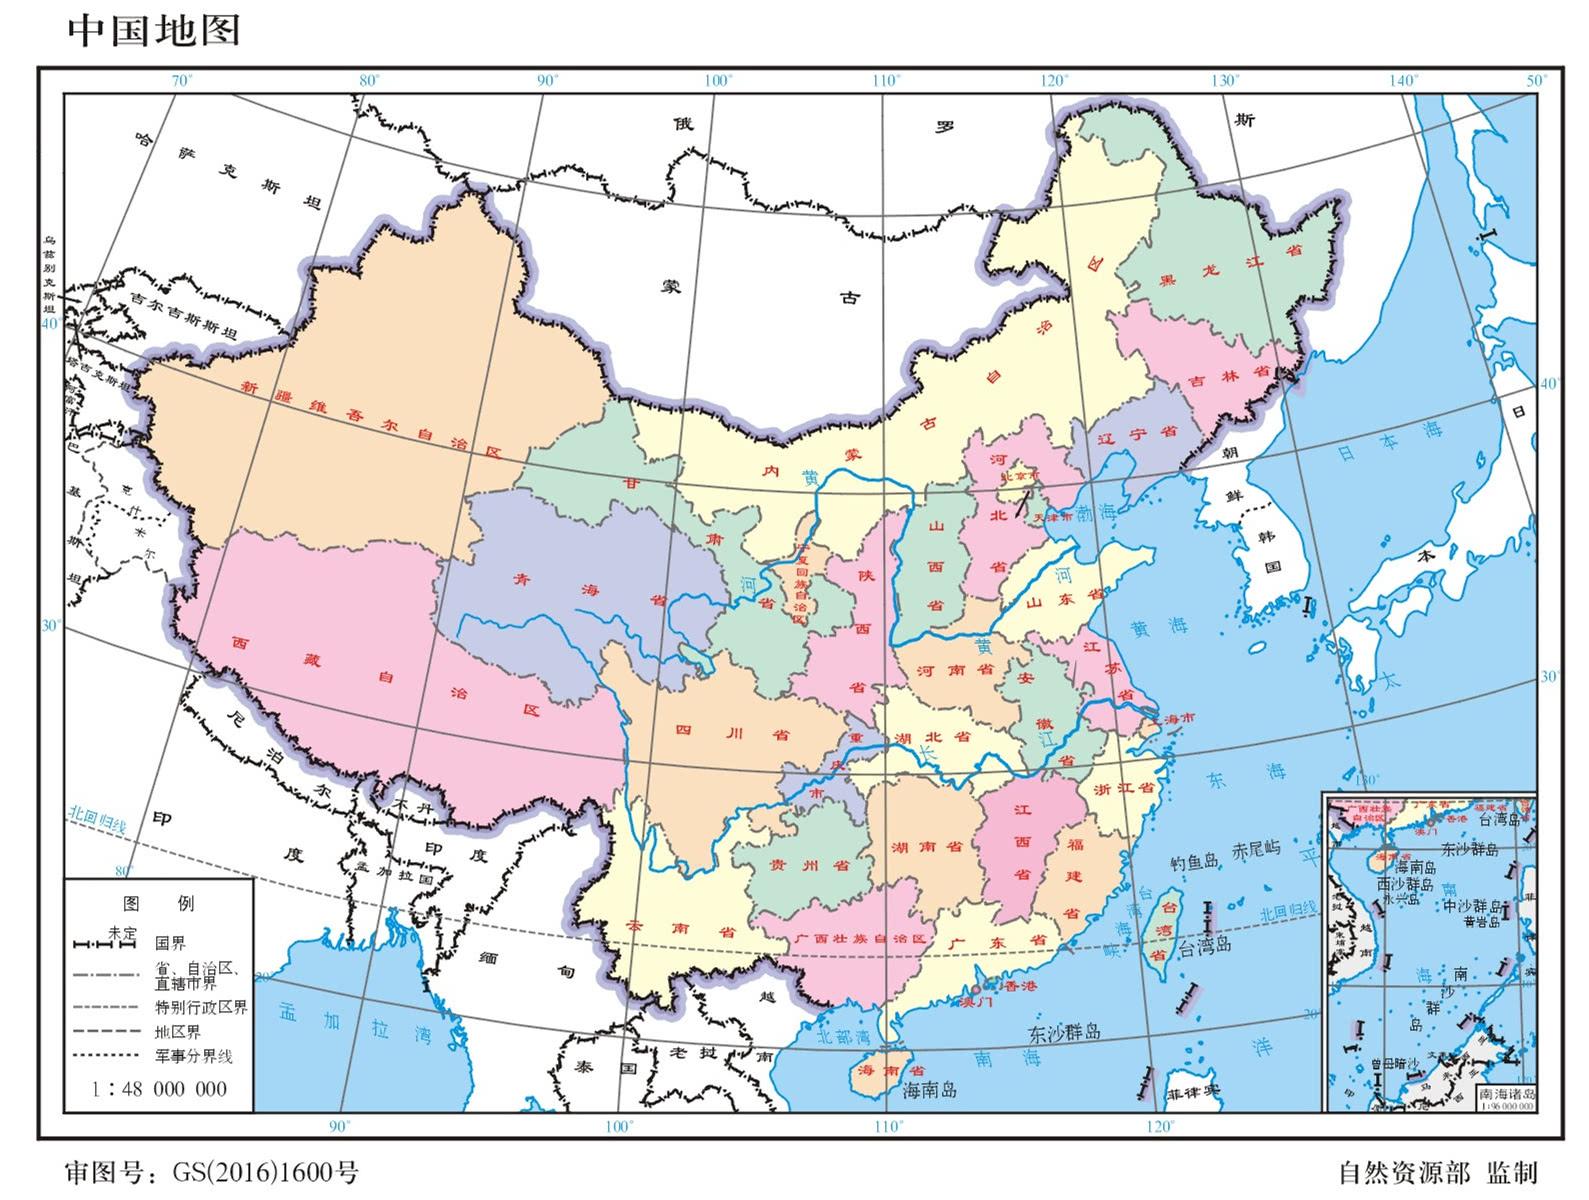 黑山县电子地图,黑山县地图_liaoning200904_新浪博客